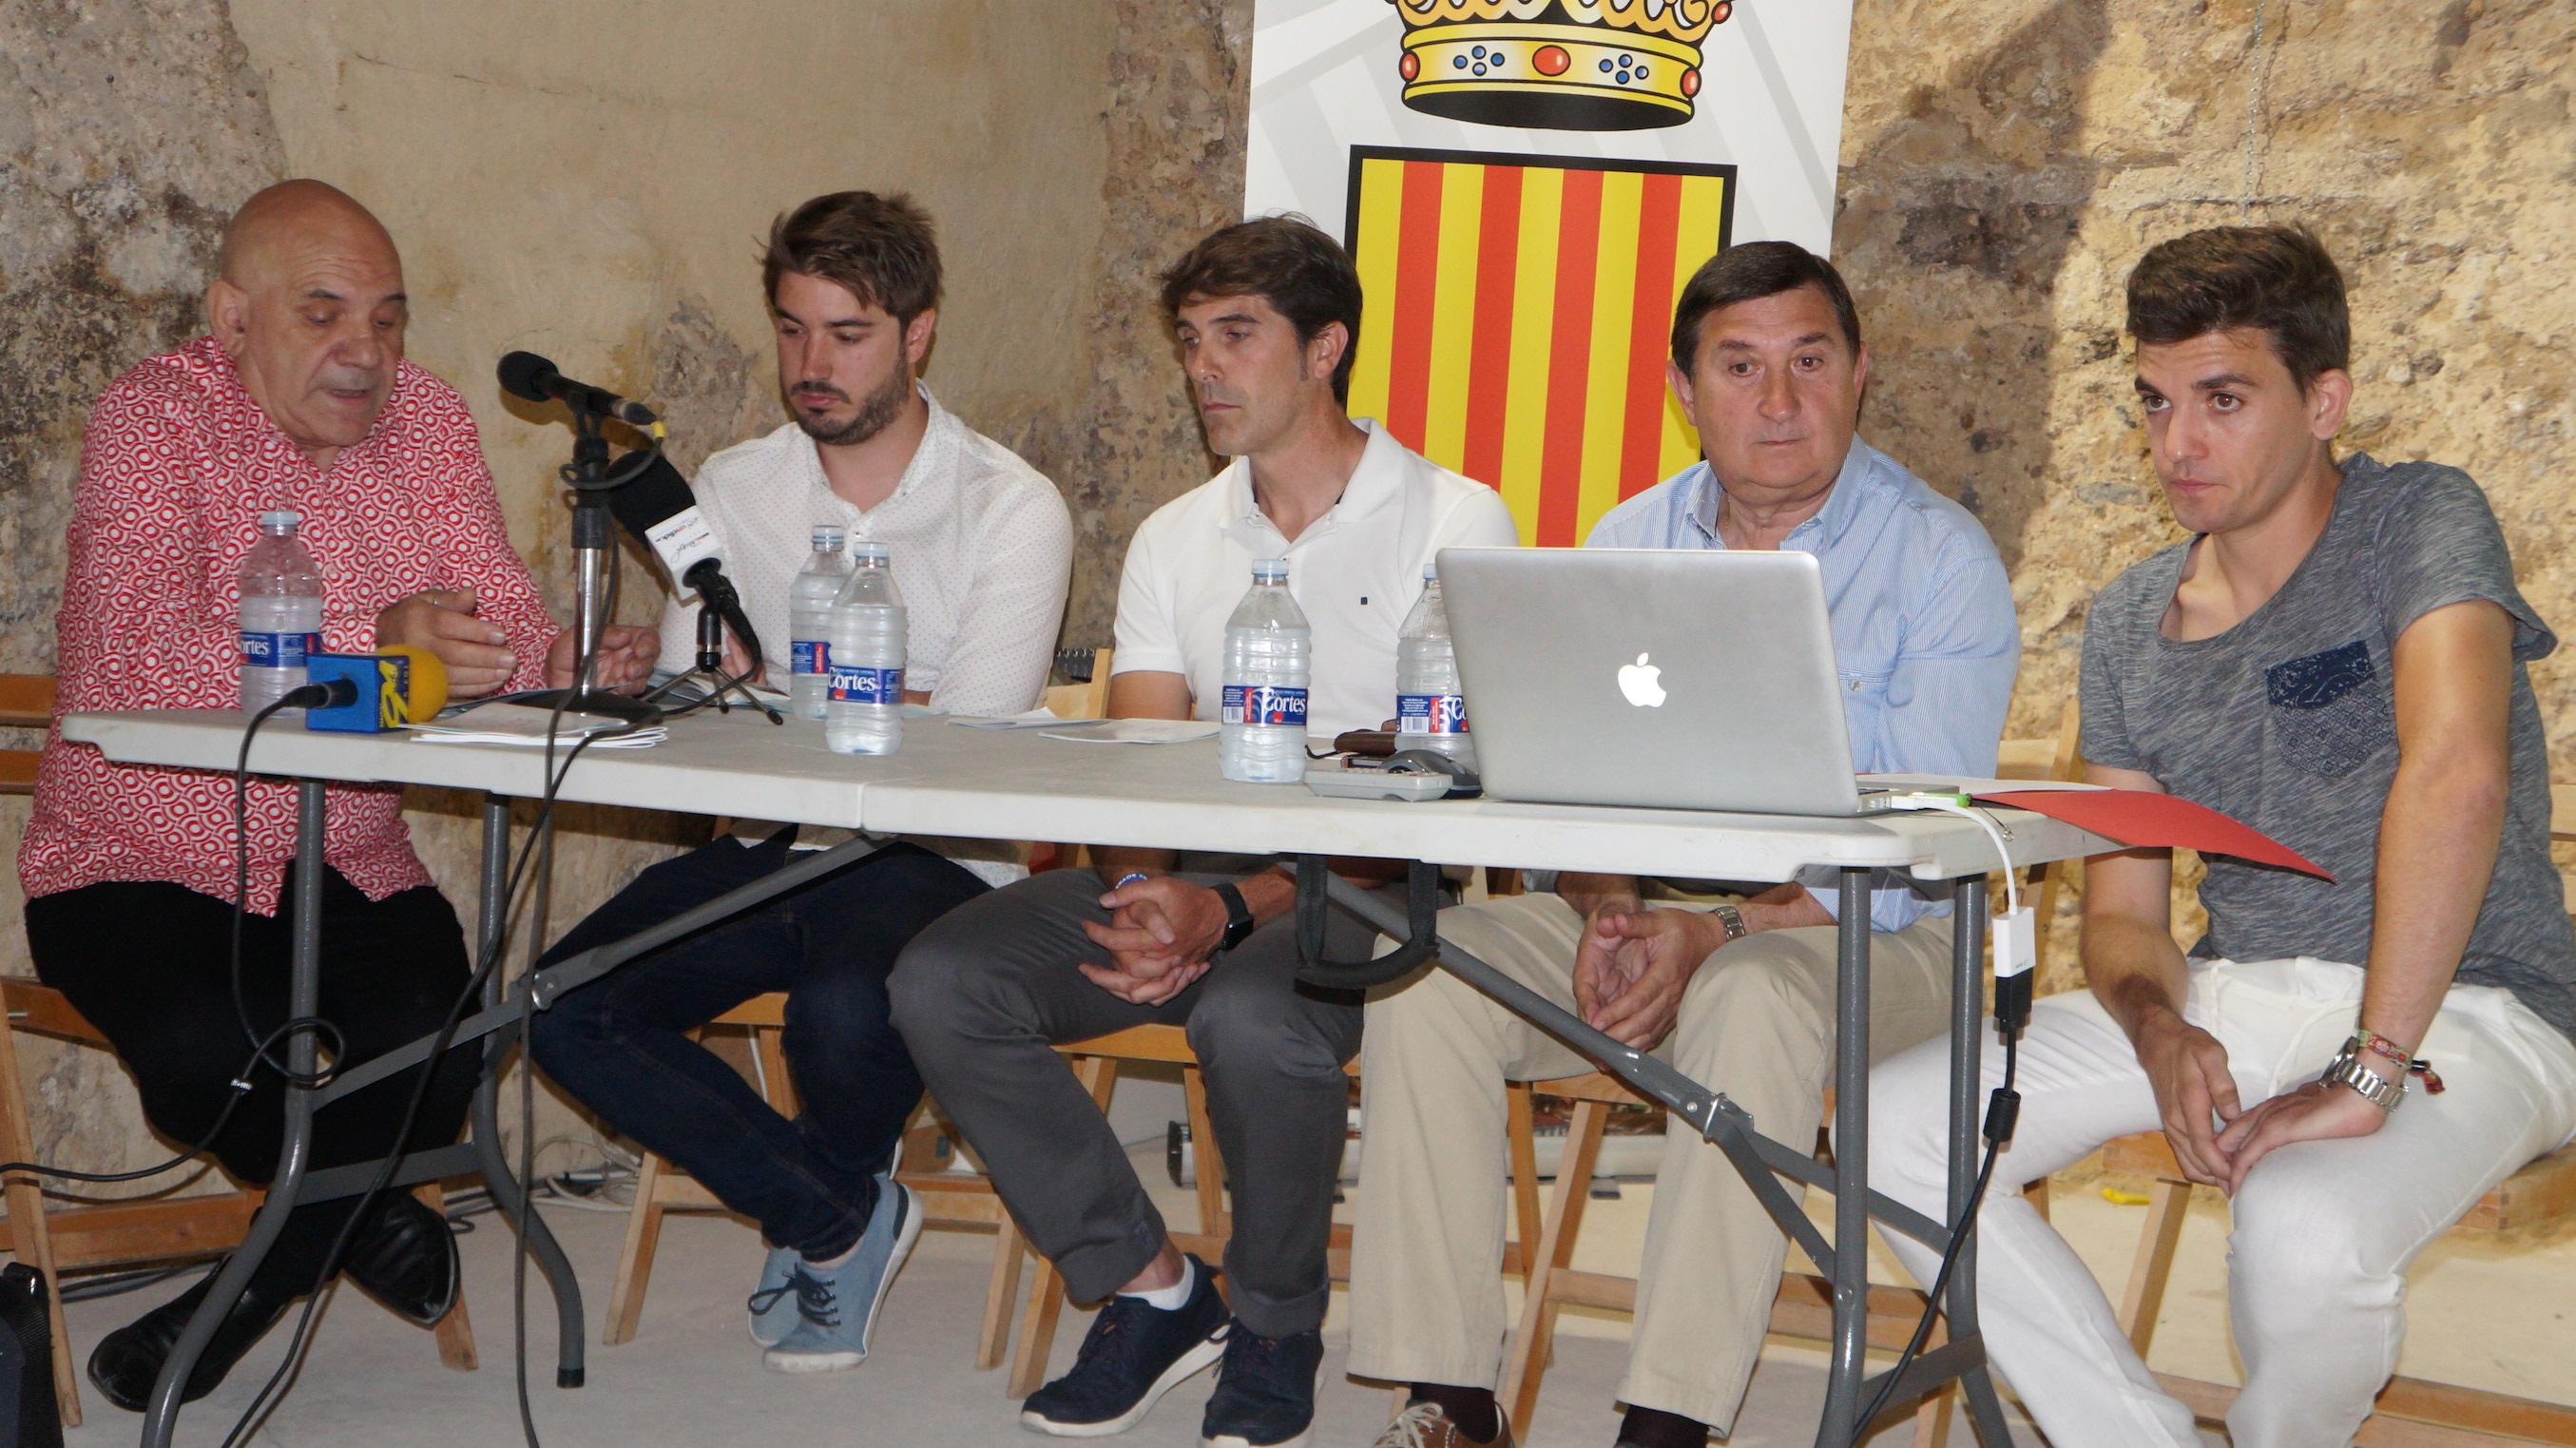 Participantes en la presentación de la Bienal de Música de Buñol que se desarrolla durante todo el mes de julio.